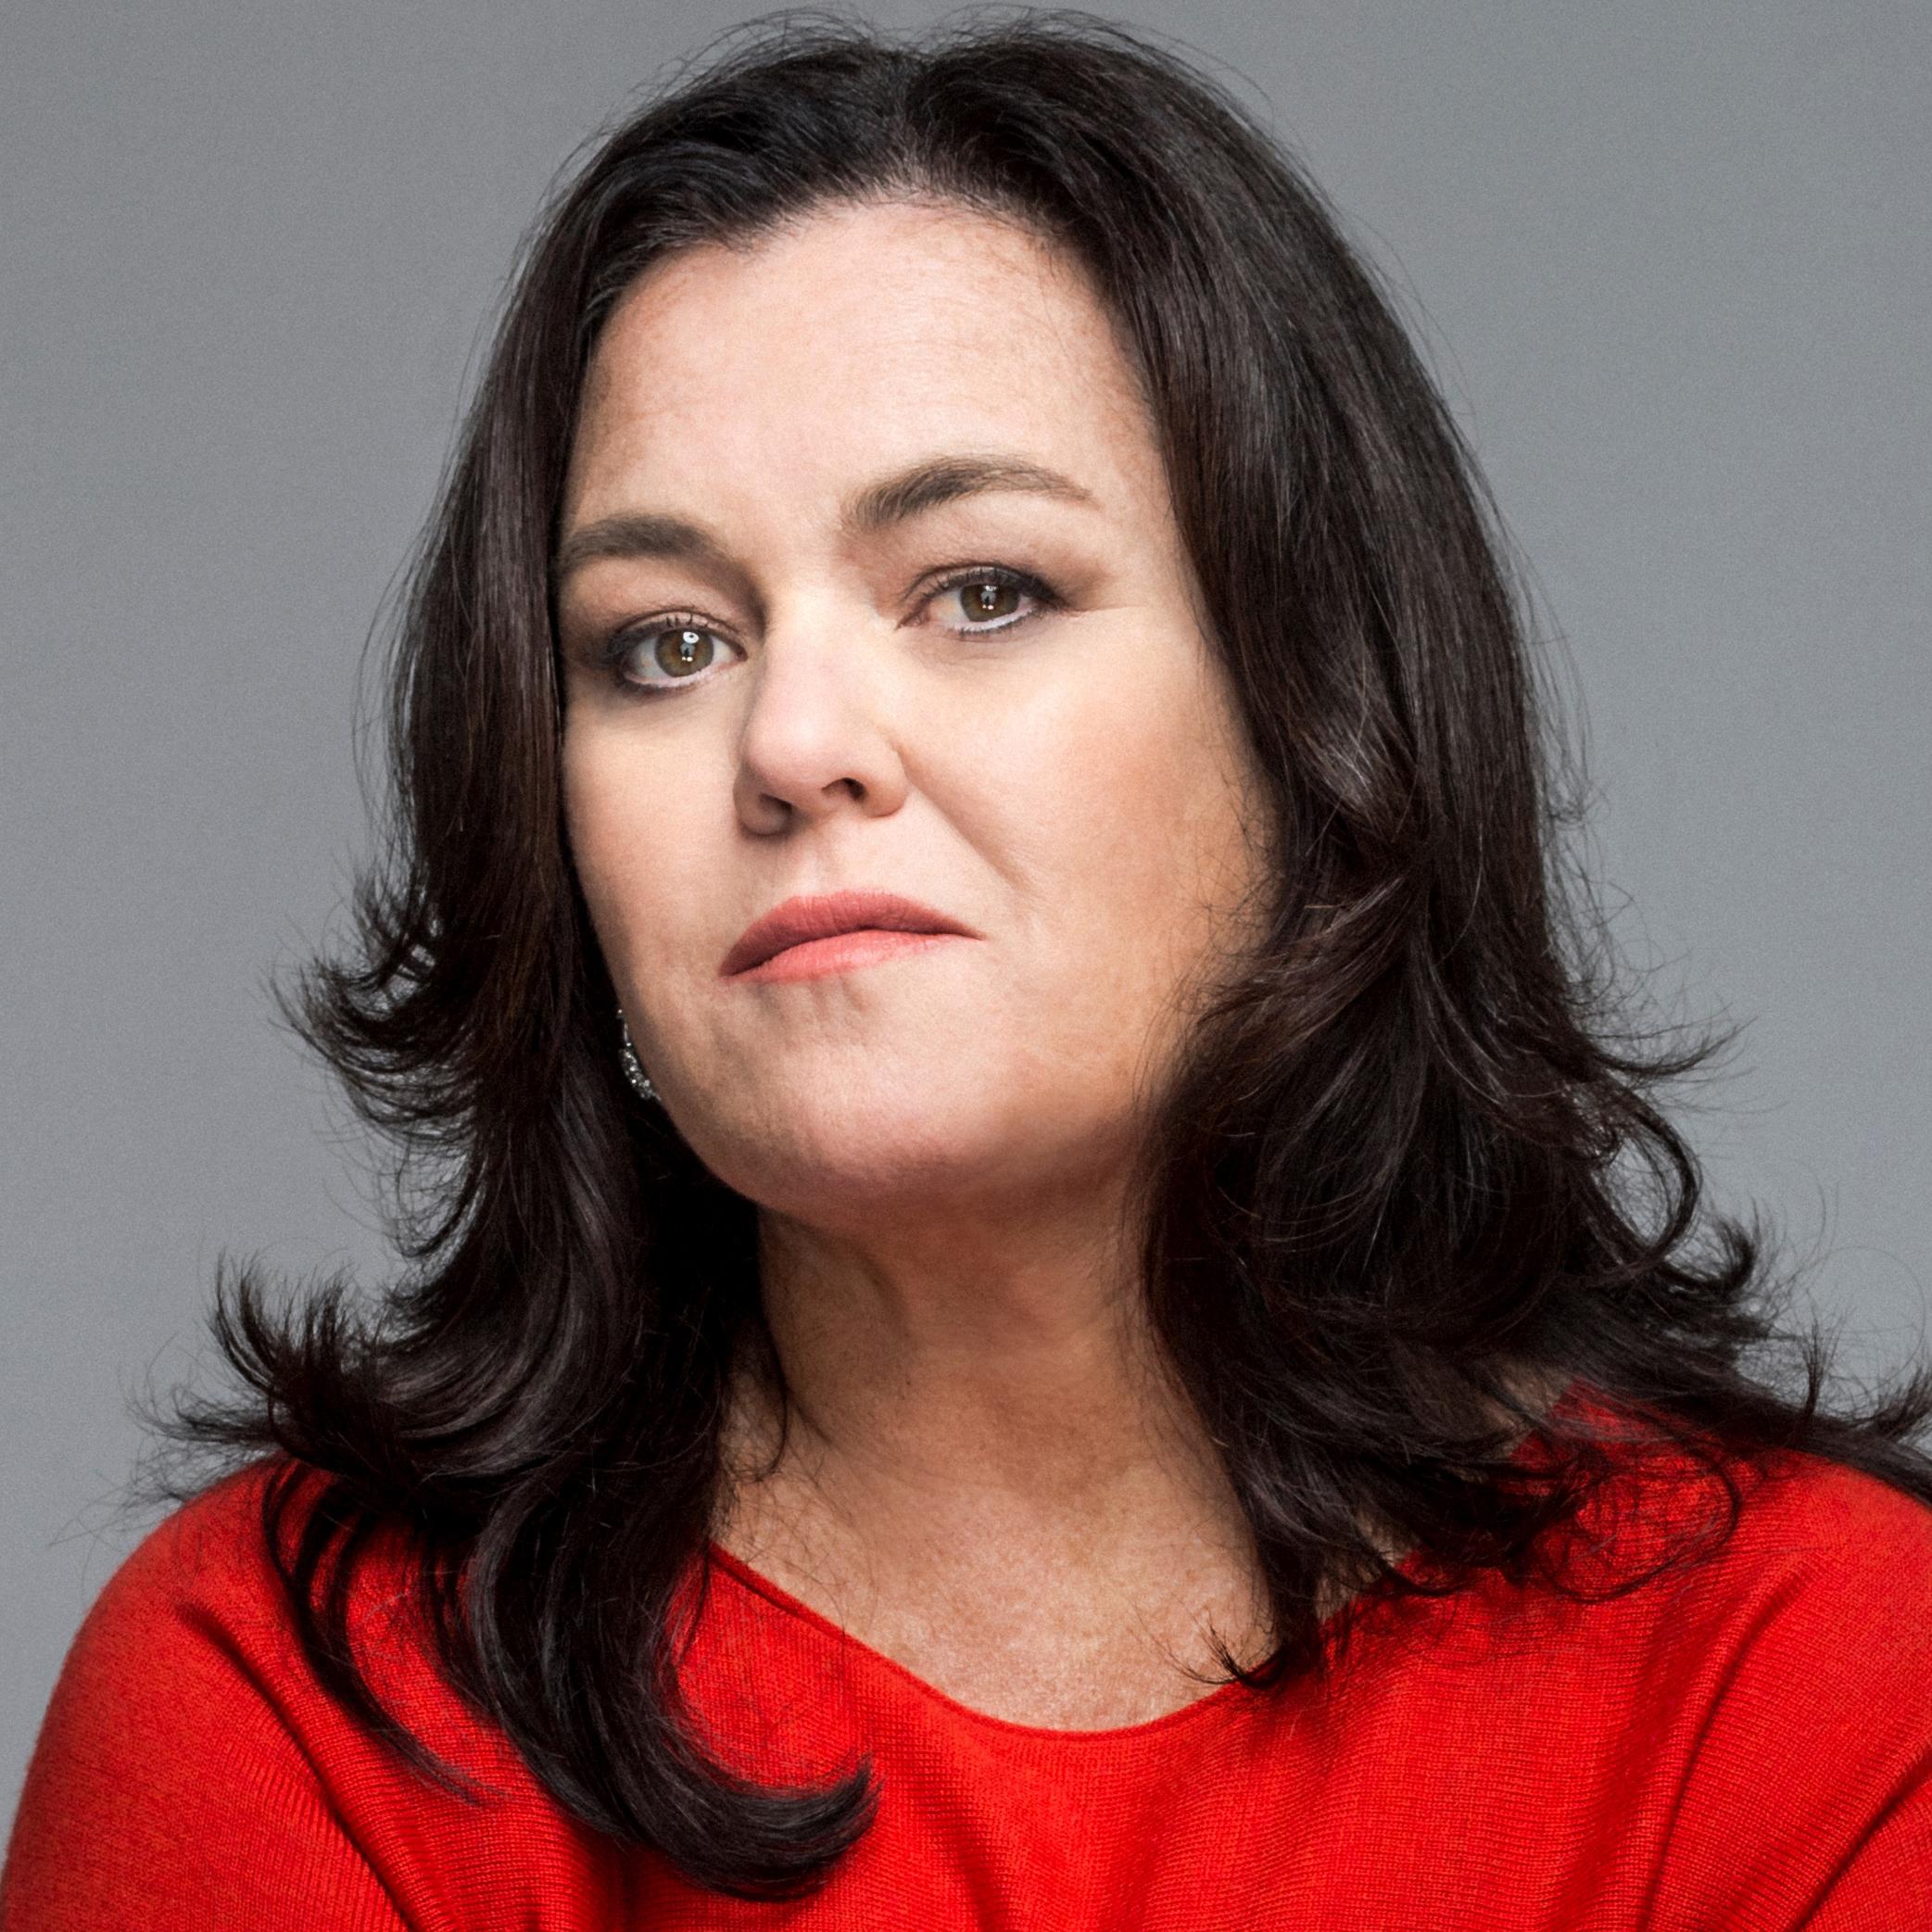 Rosie O'Donnell Headshot.jpg